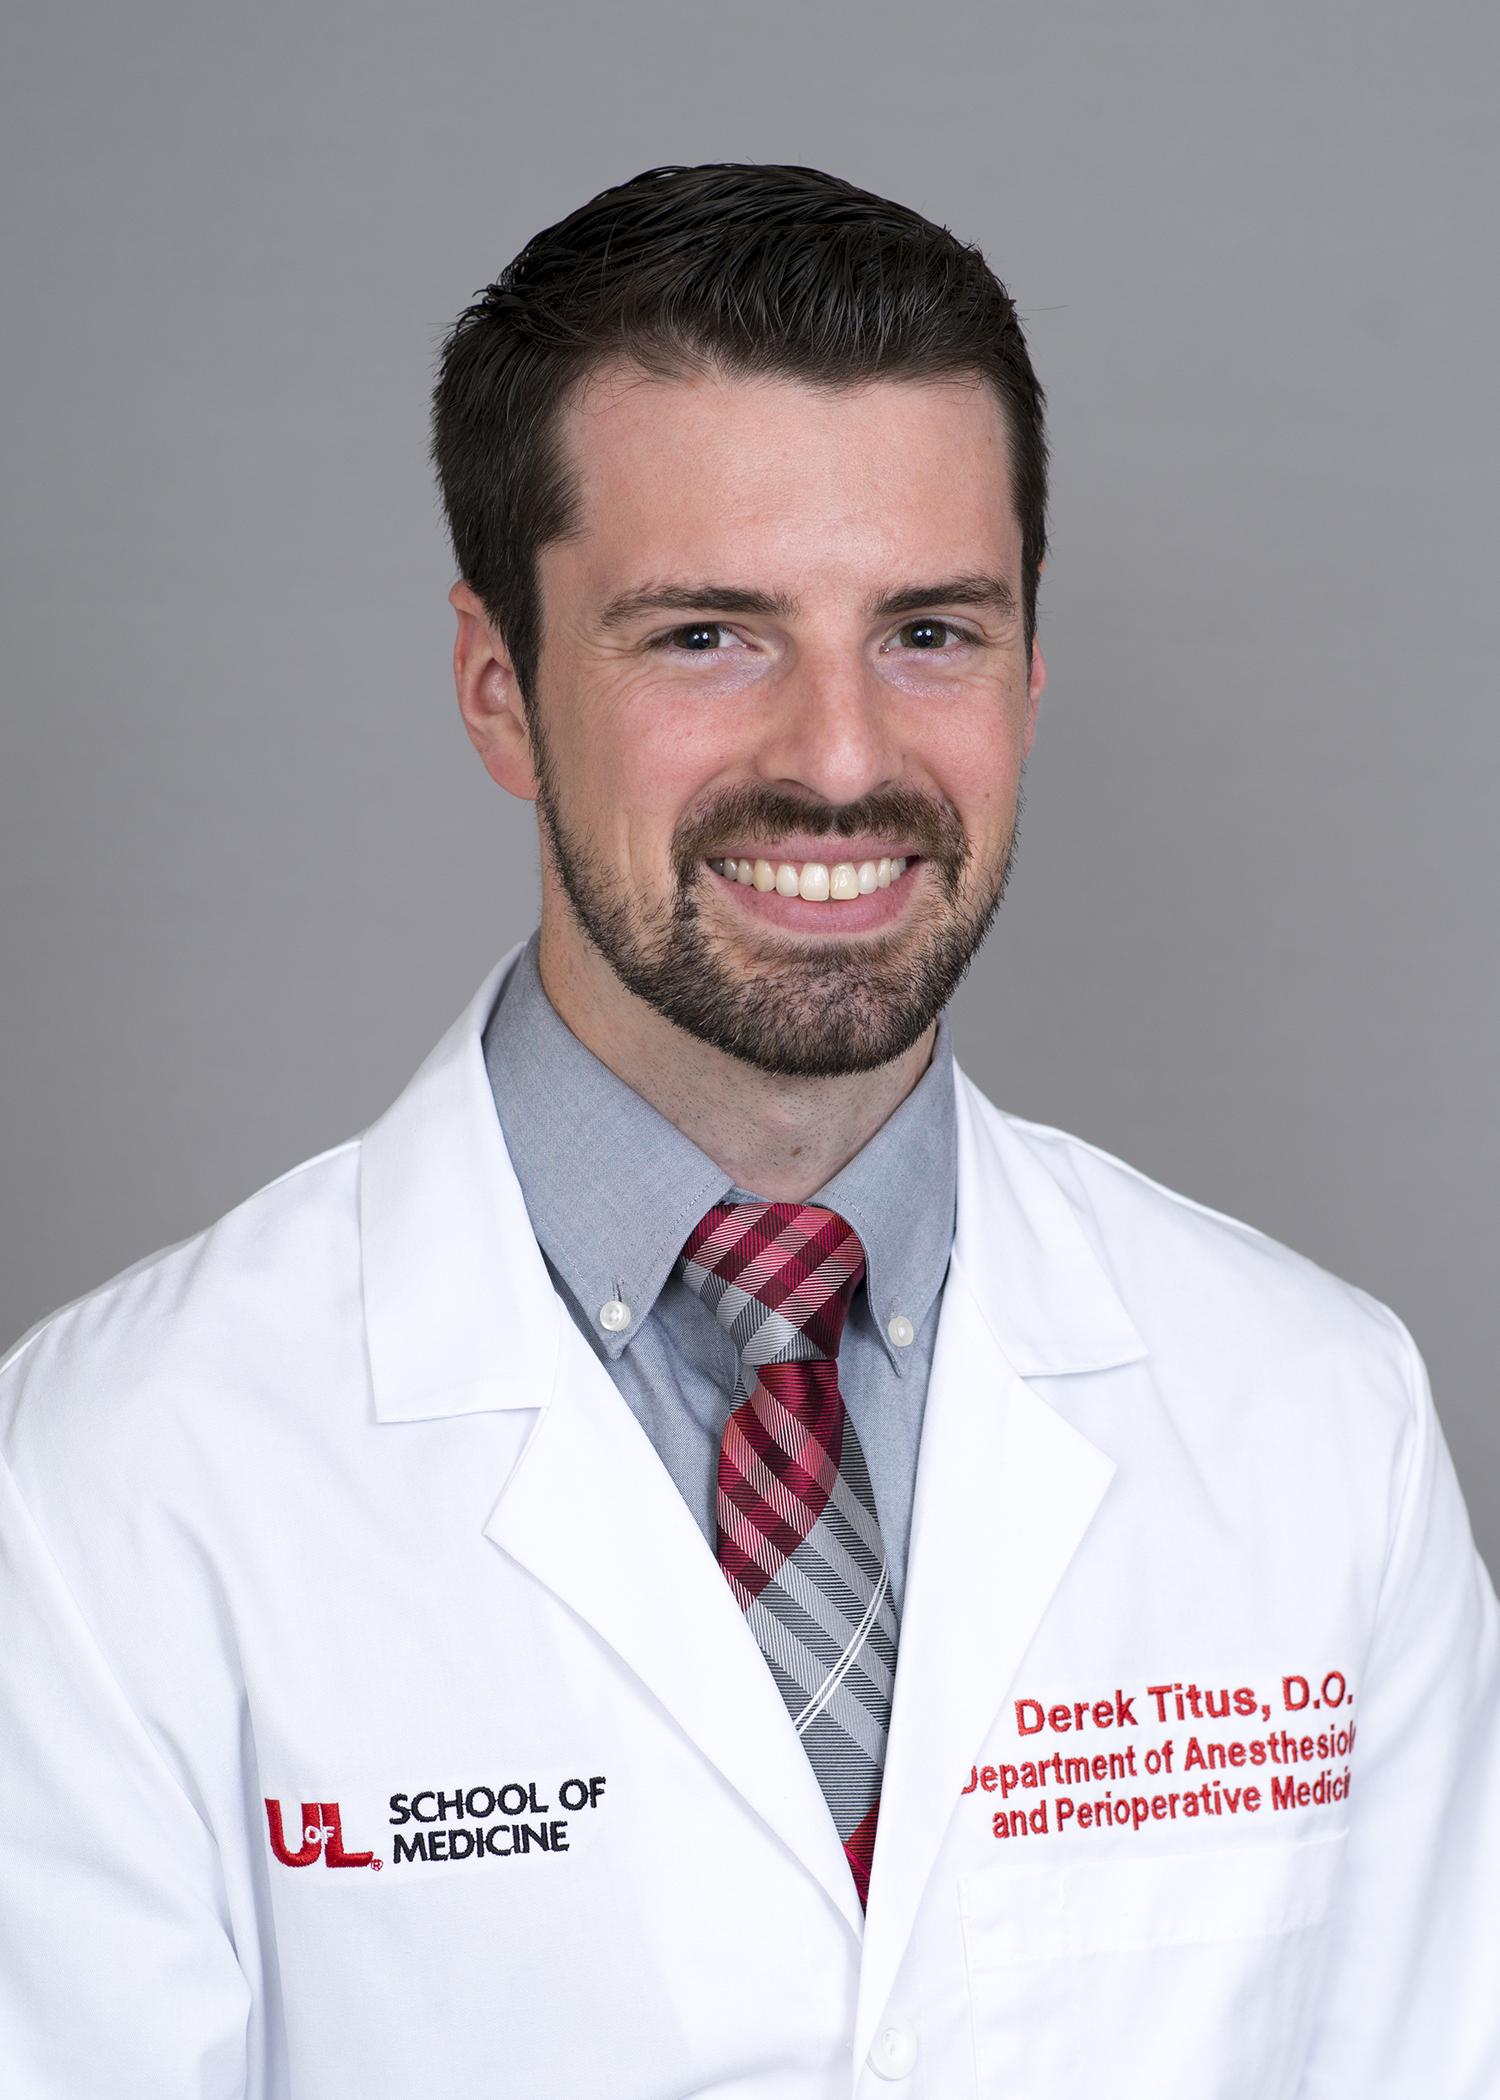 Dr. Derek Titus